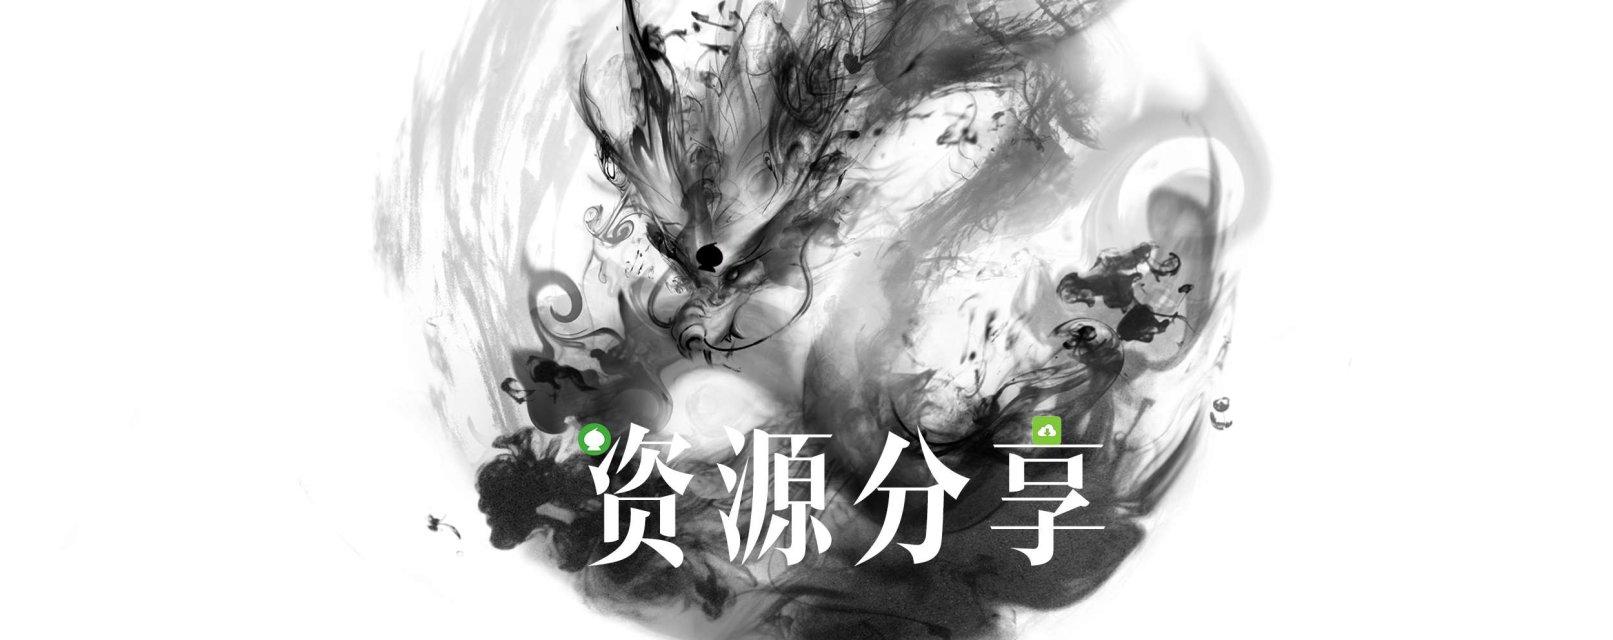 【资源分享】面具(最强root神器)